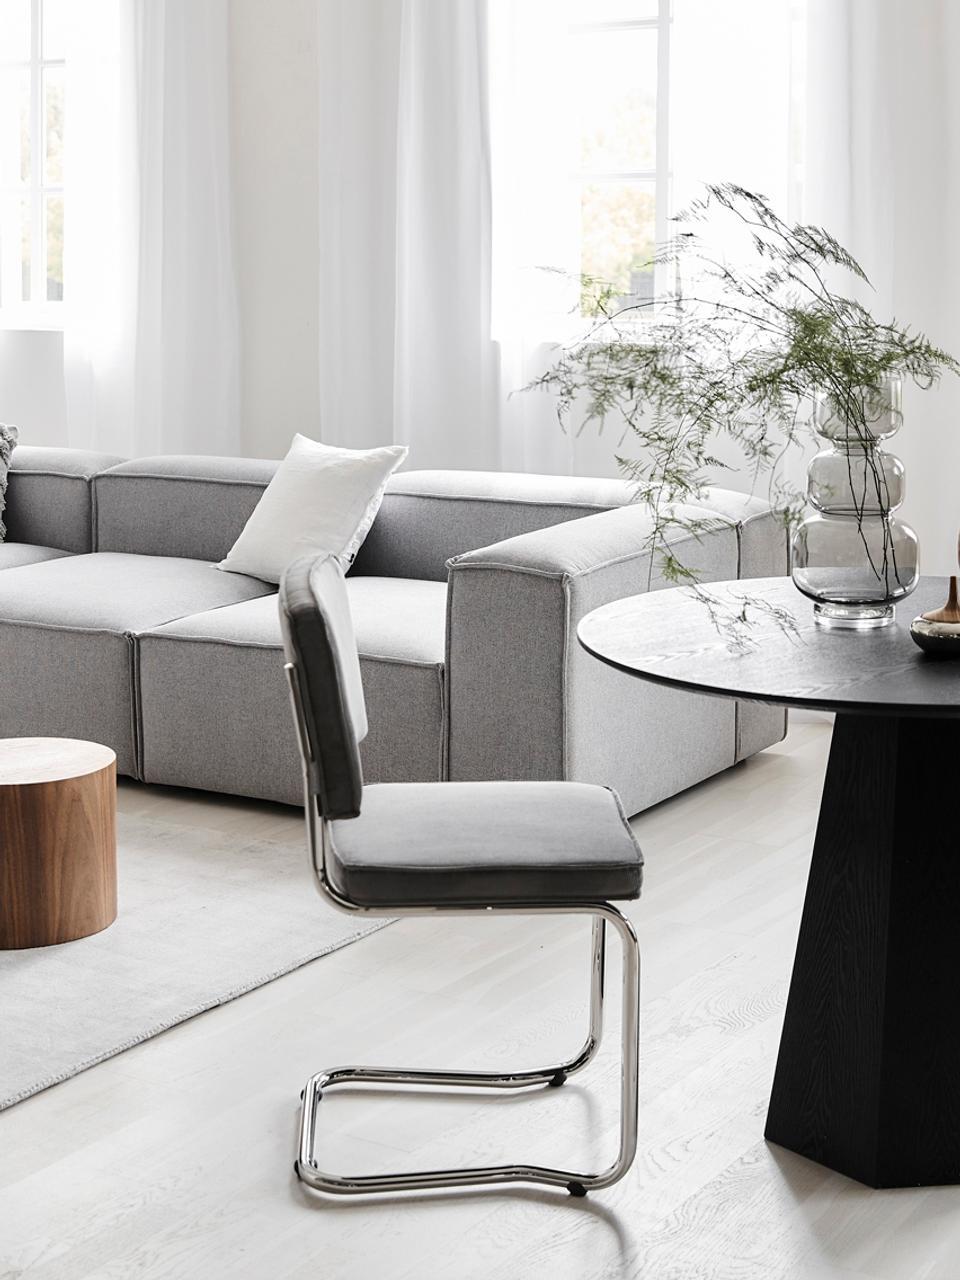 Chaise cantilever velours côtelé gris Kink, Velours côtelé gris clair